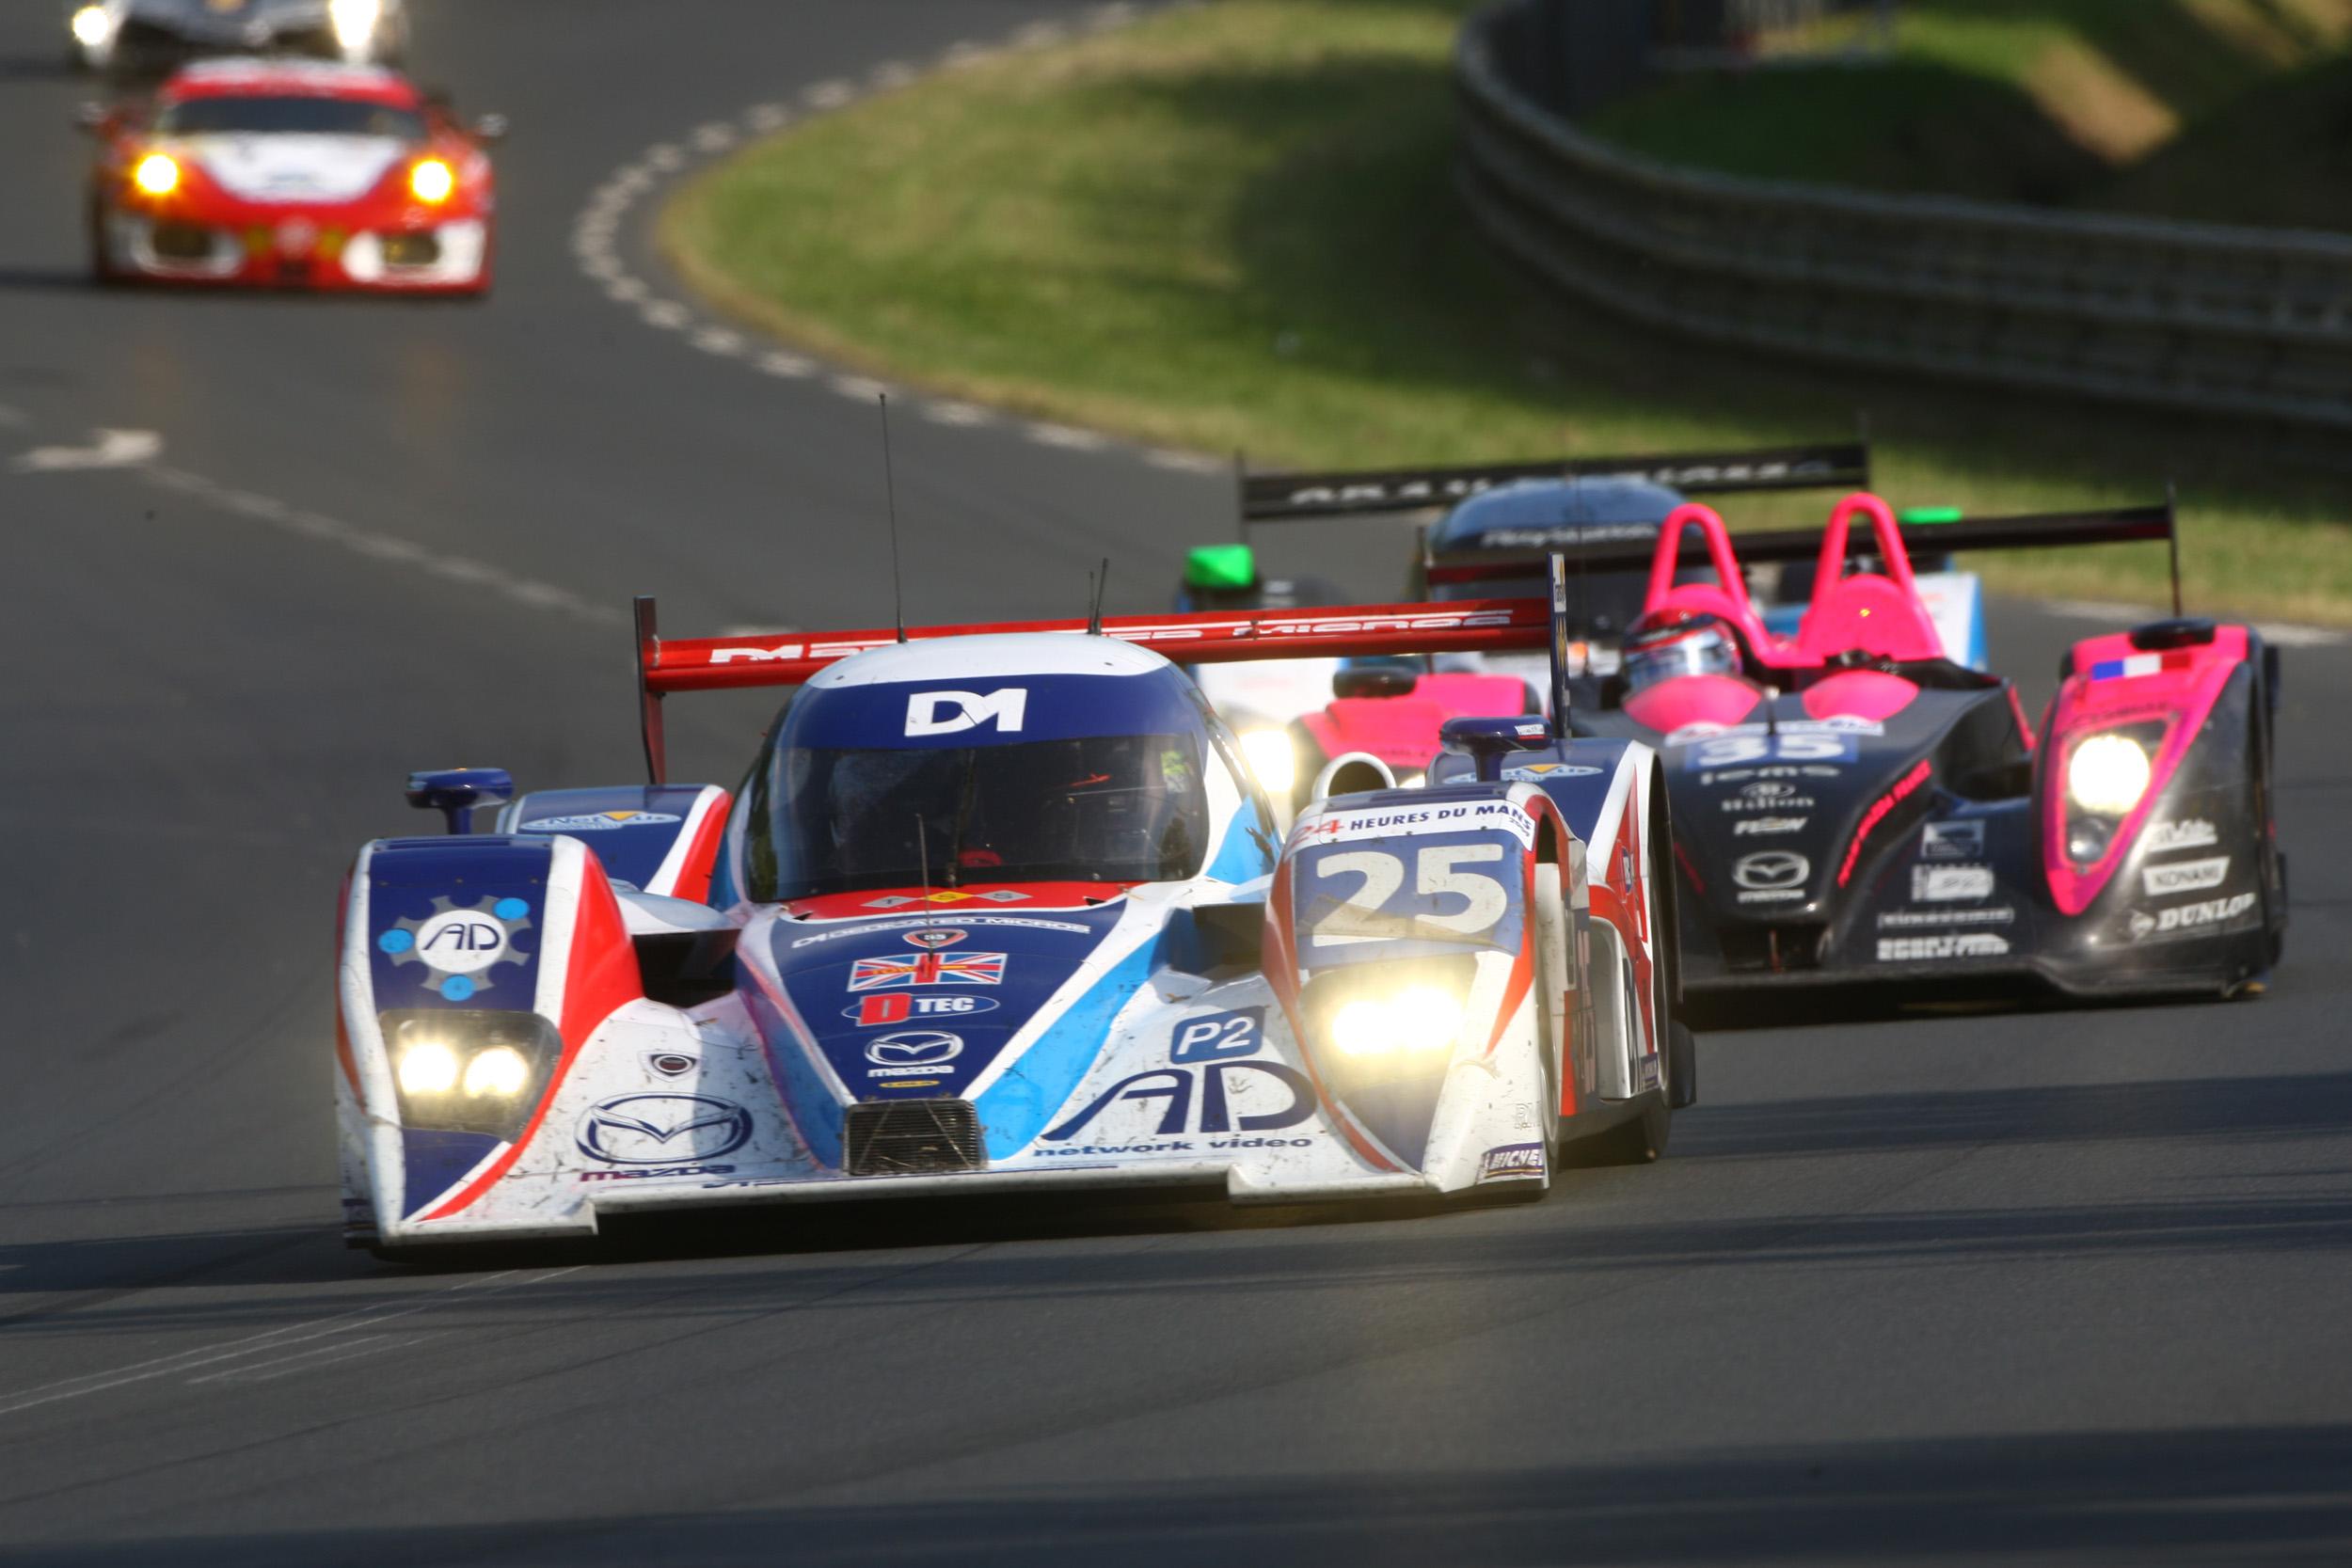 Le Mans 24 Hours 2009 Race Press Release